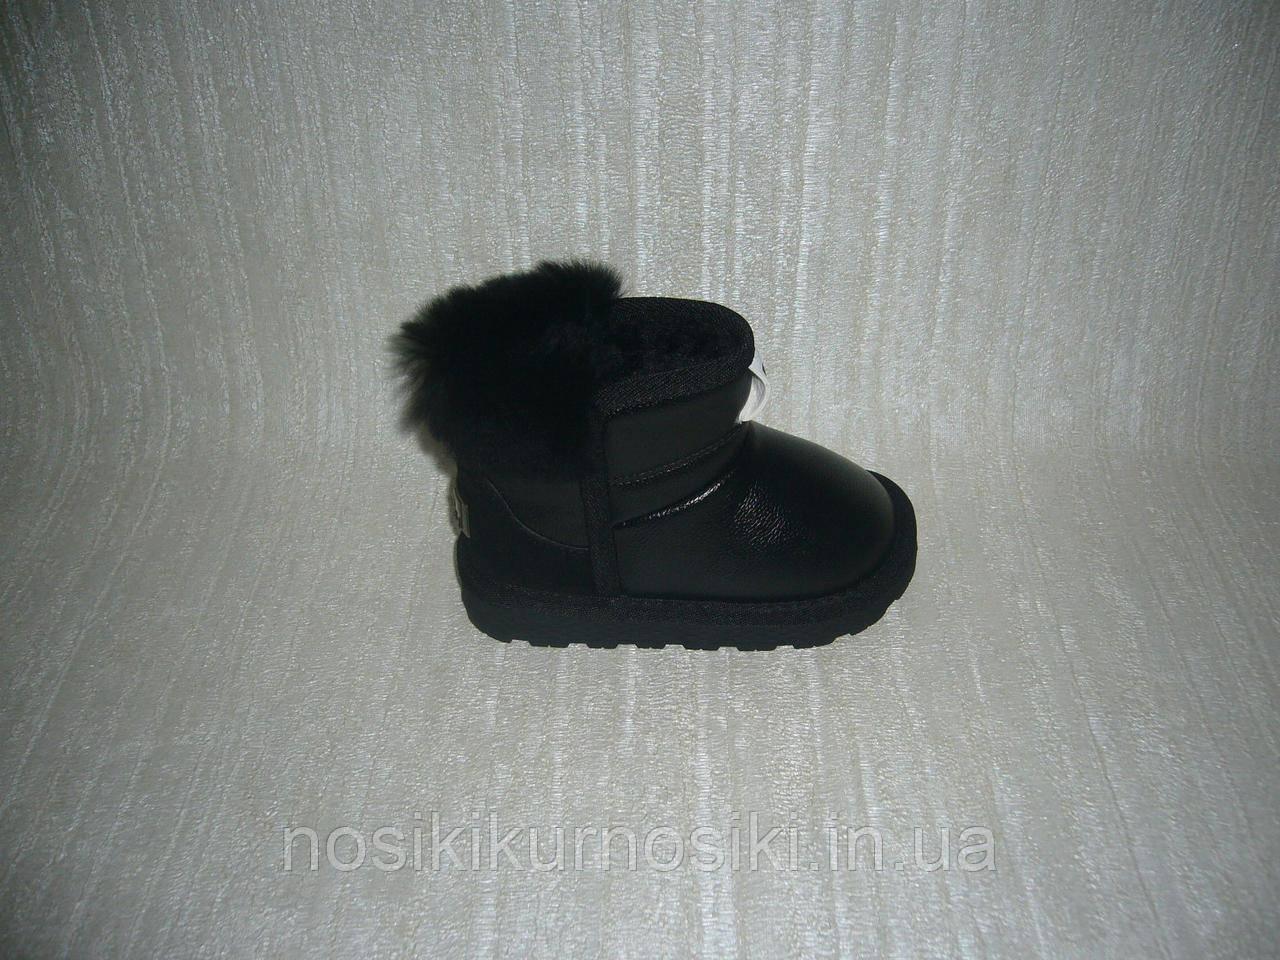 Стильные, теплые и практичные Угги размер 30 цвет черный